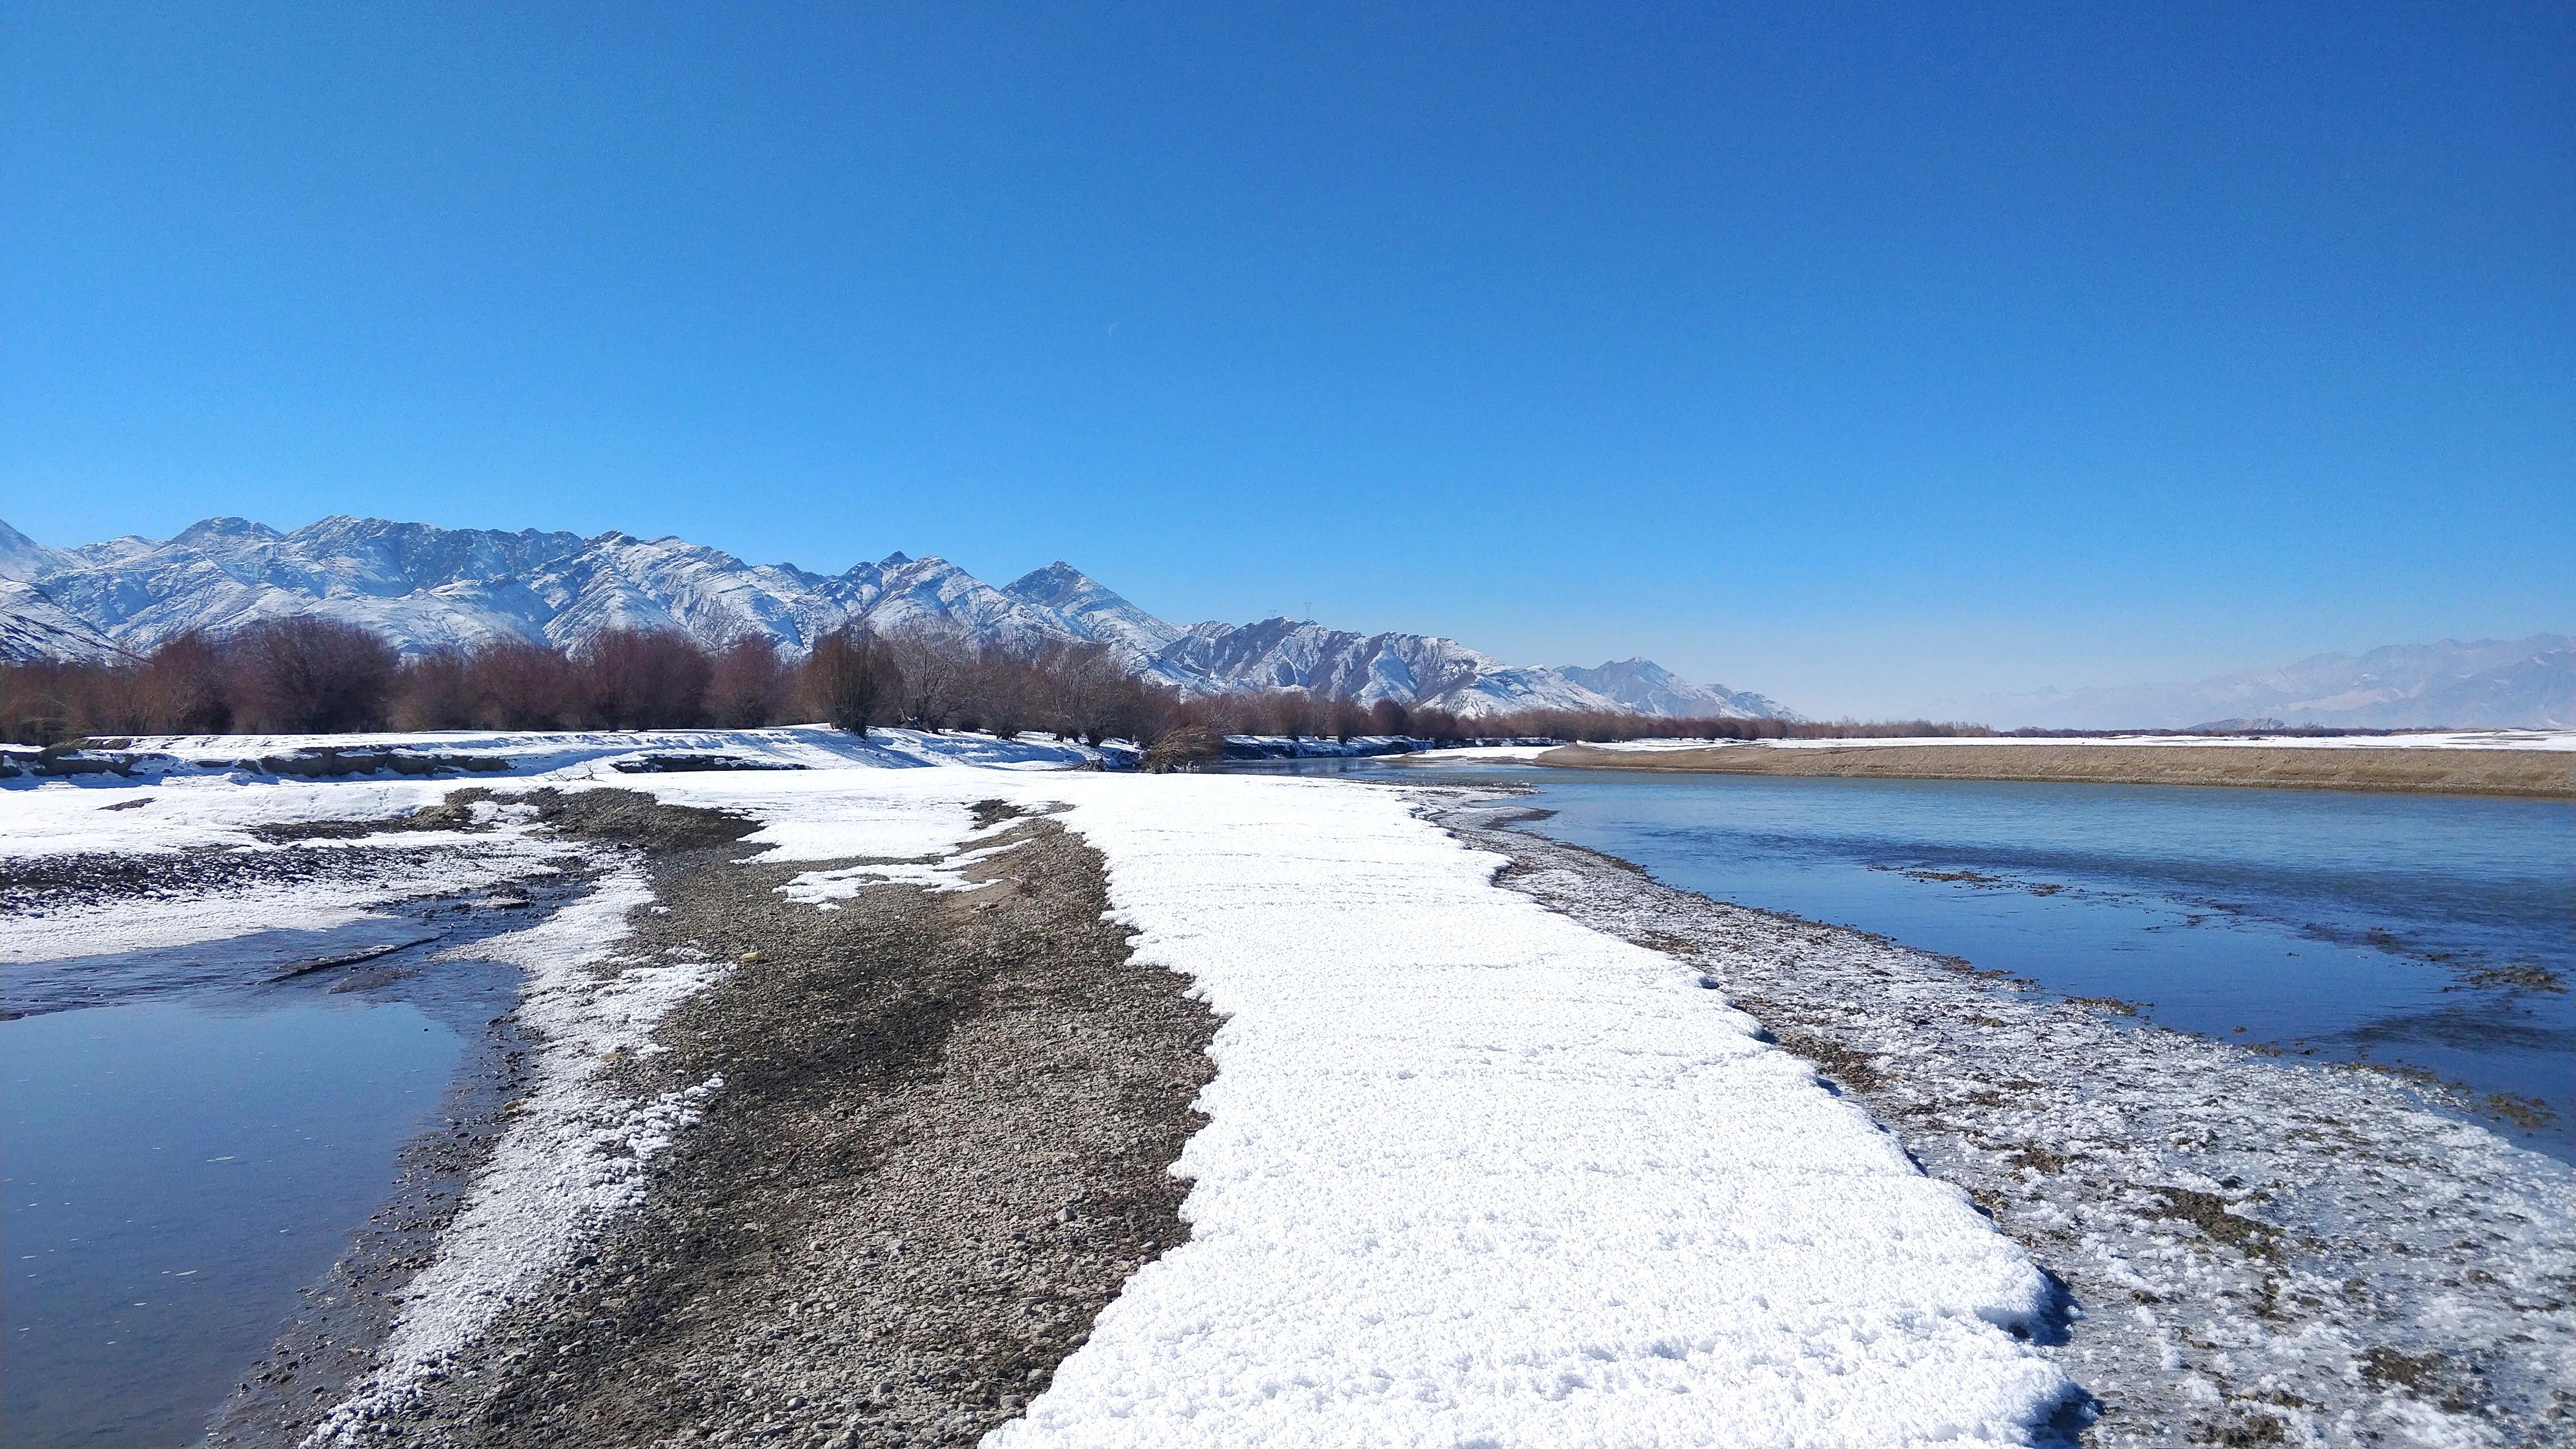 雪景32.jpg